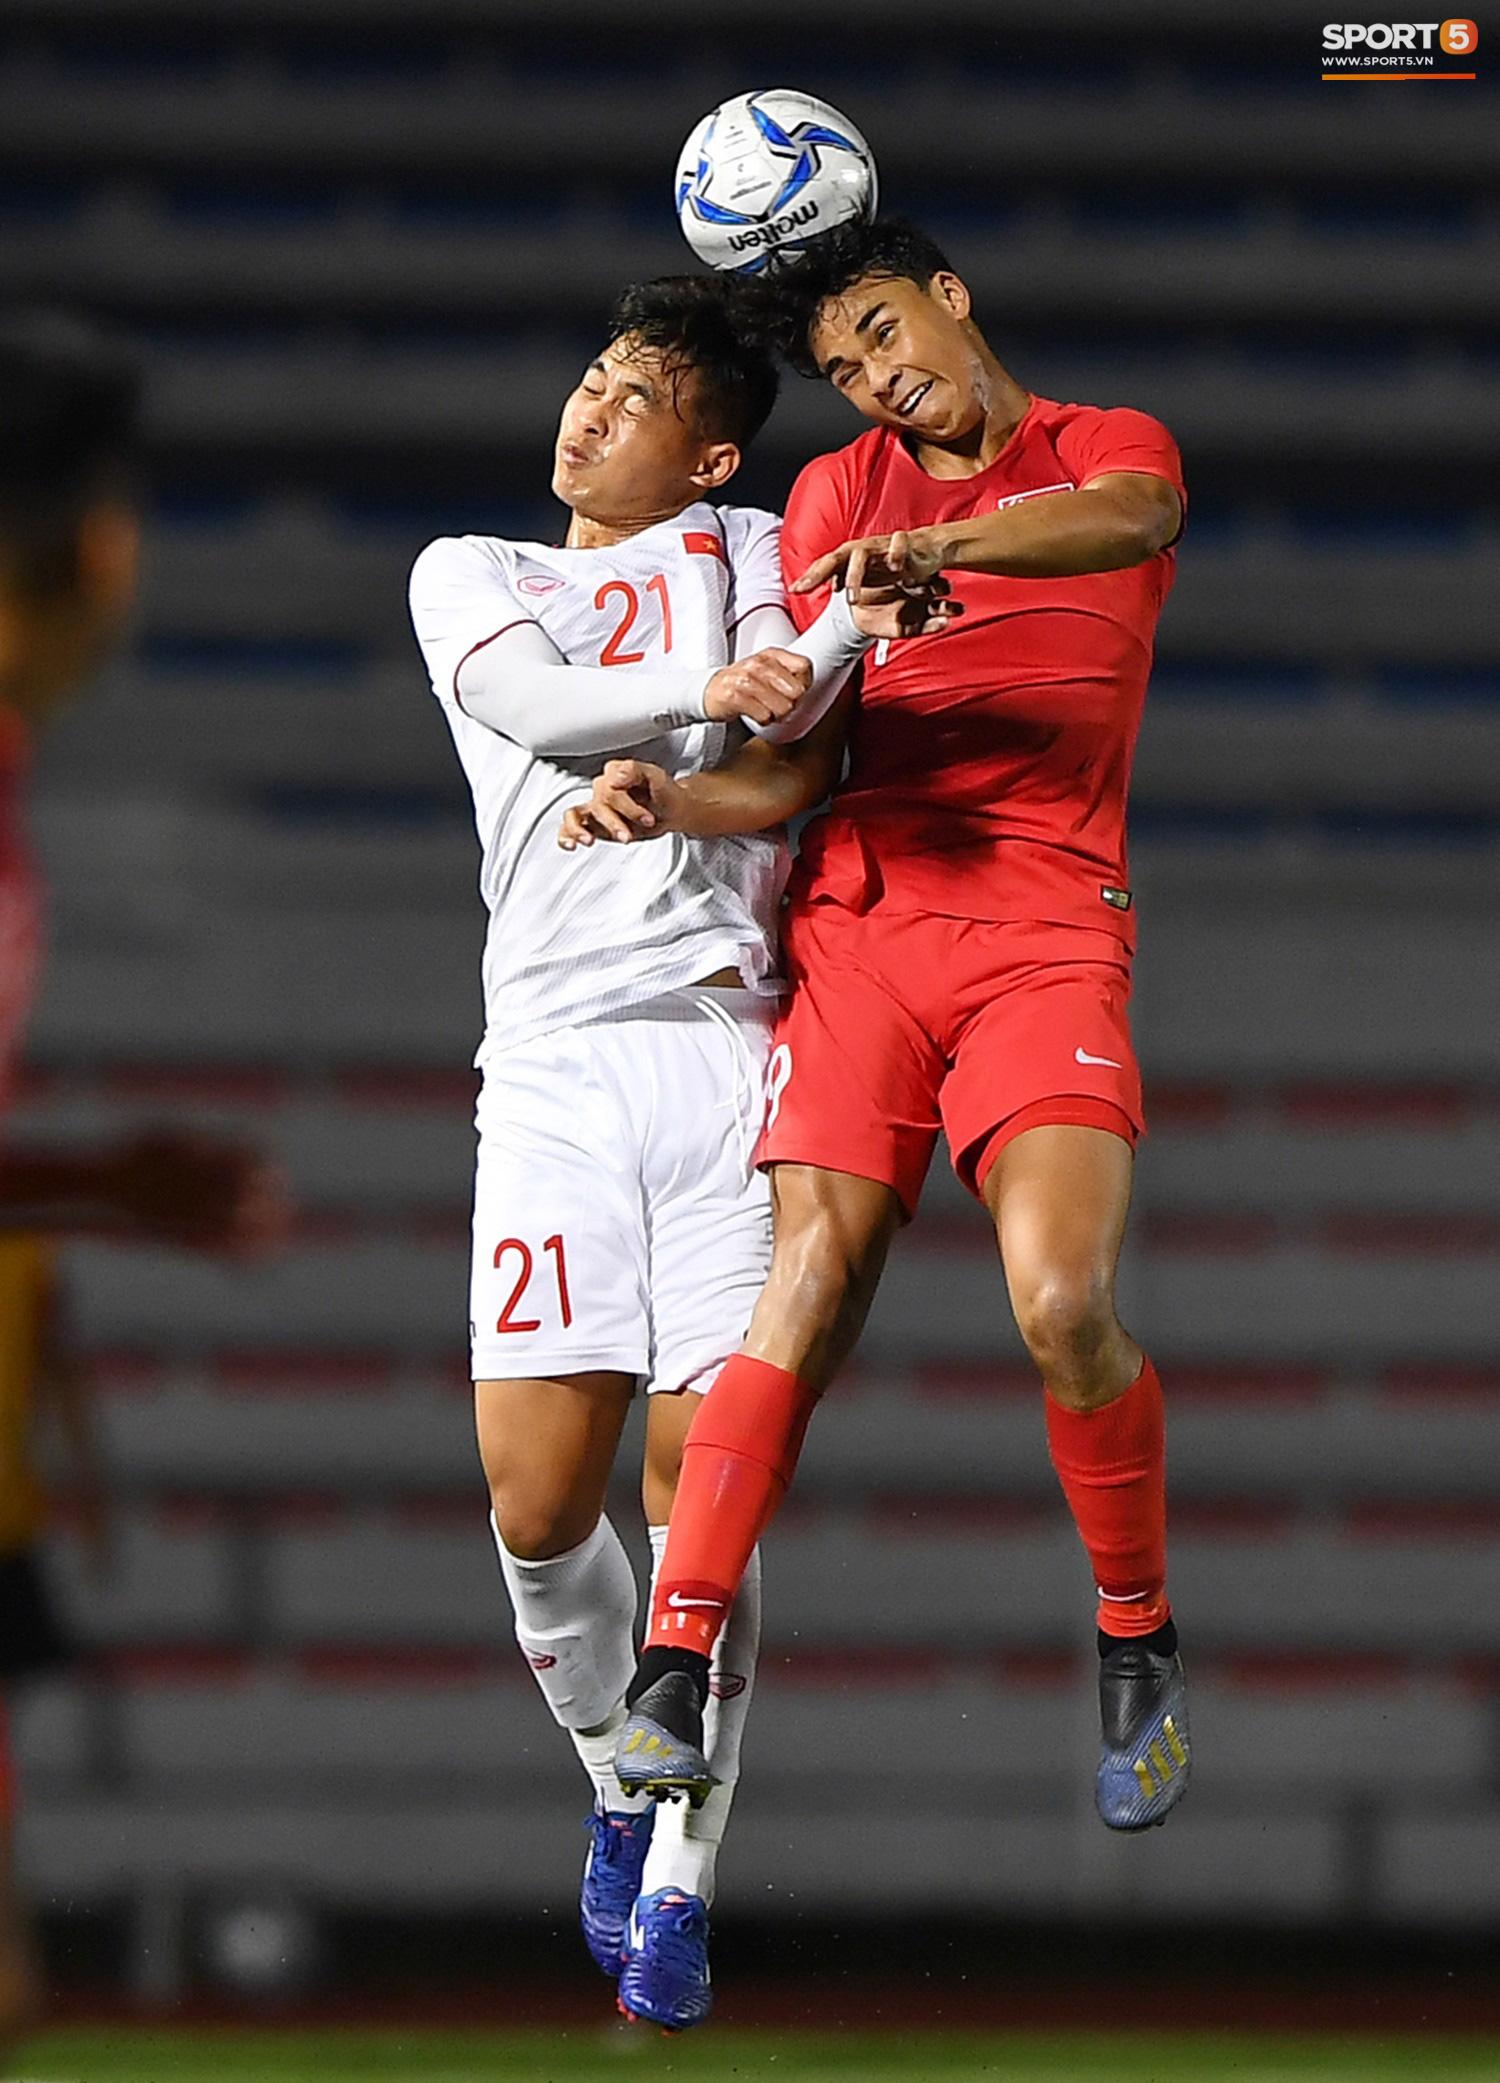 Bất ngờ với proflie của Nguyễn Đức Chiến - của hiếm U23 Việt Nam: Sinh viên Đại học Kinh tế Quốc dân, sở hữu body 6 múi lại được tiếng hiền lành - Ảnh 6.